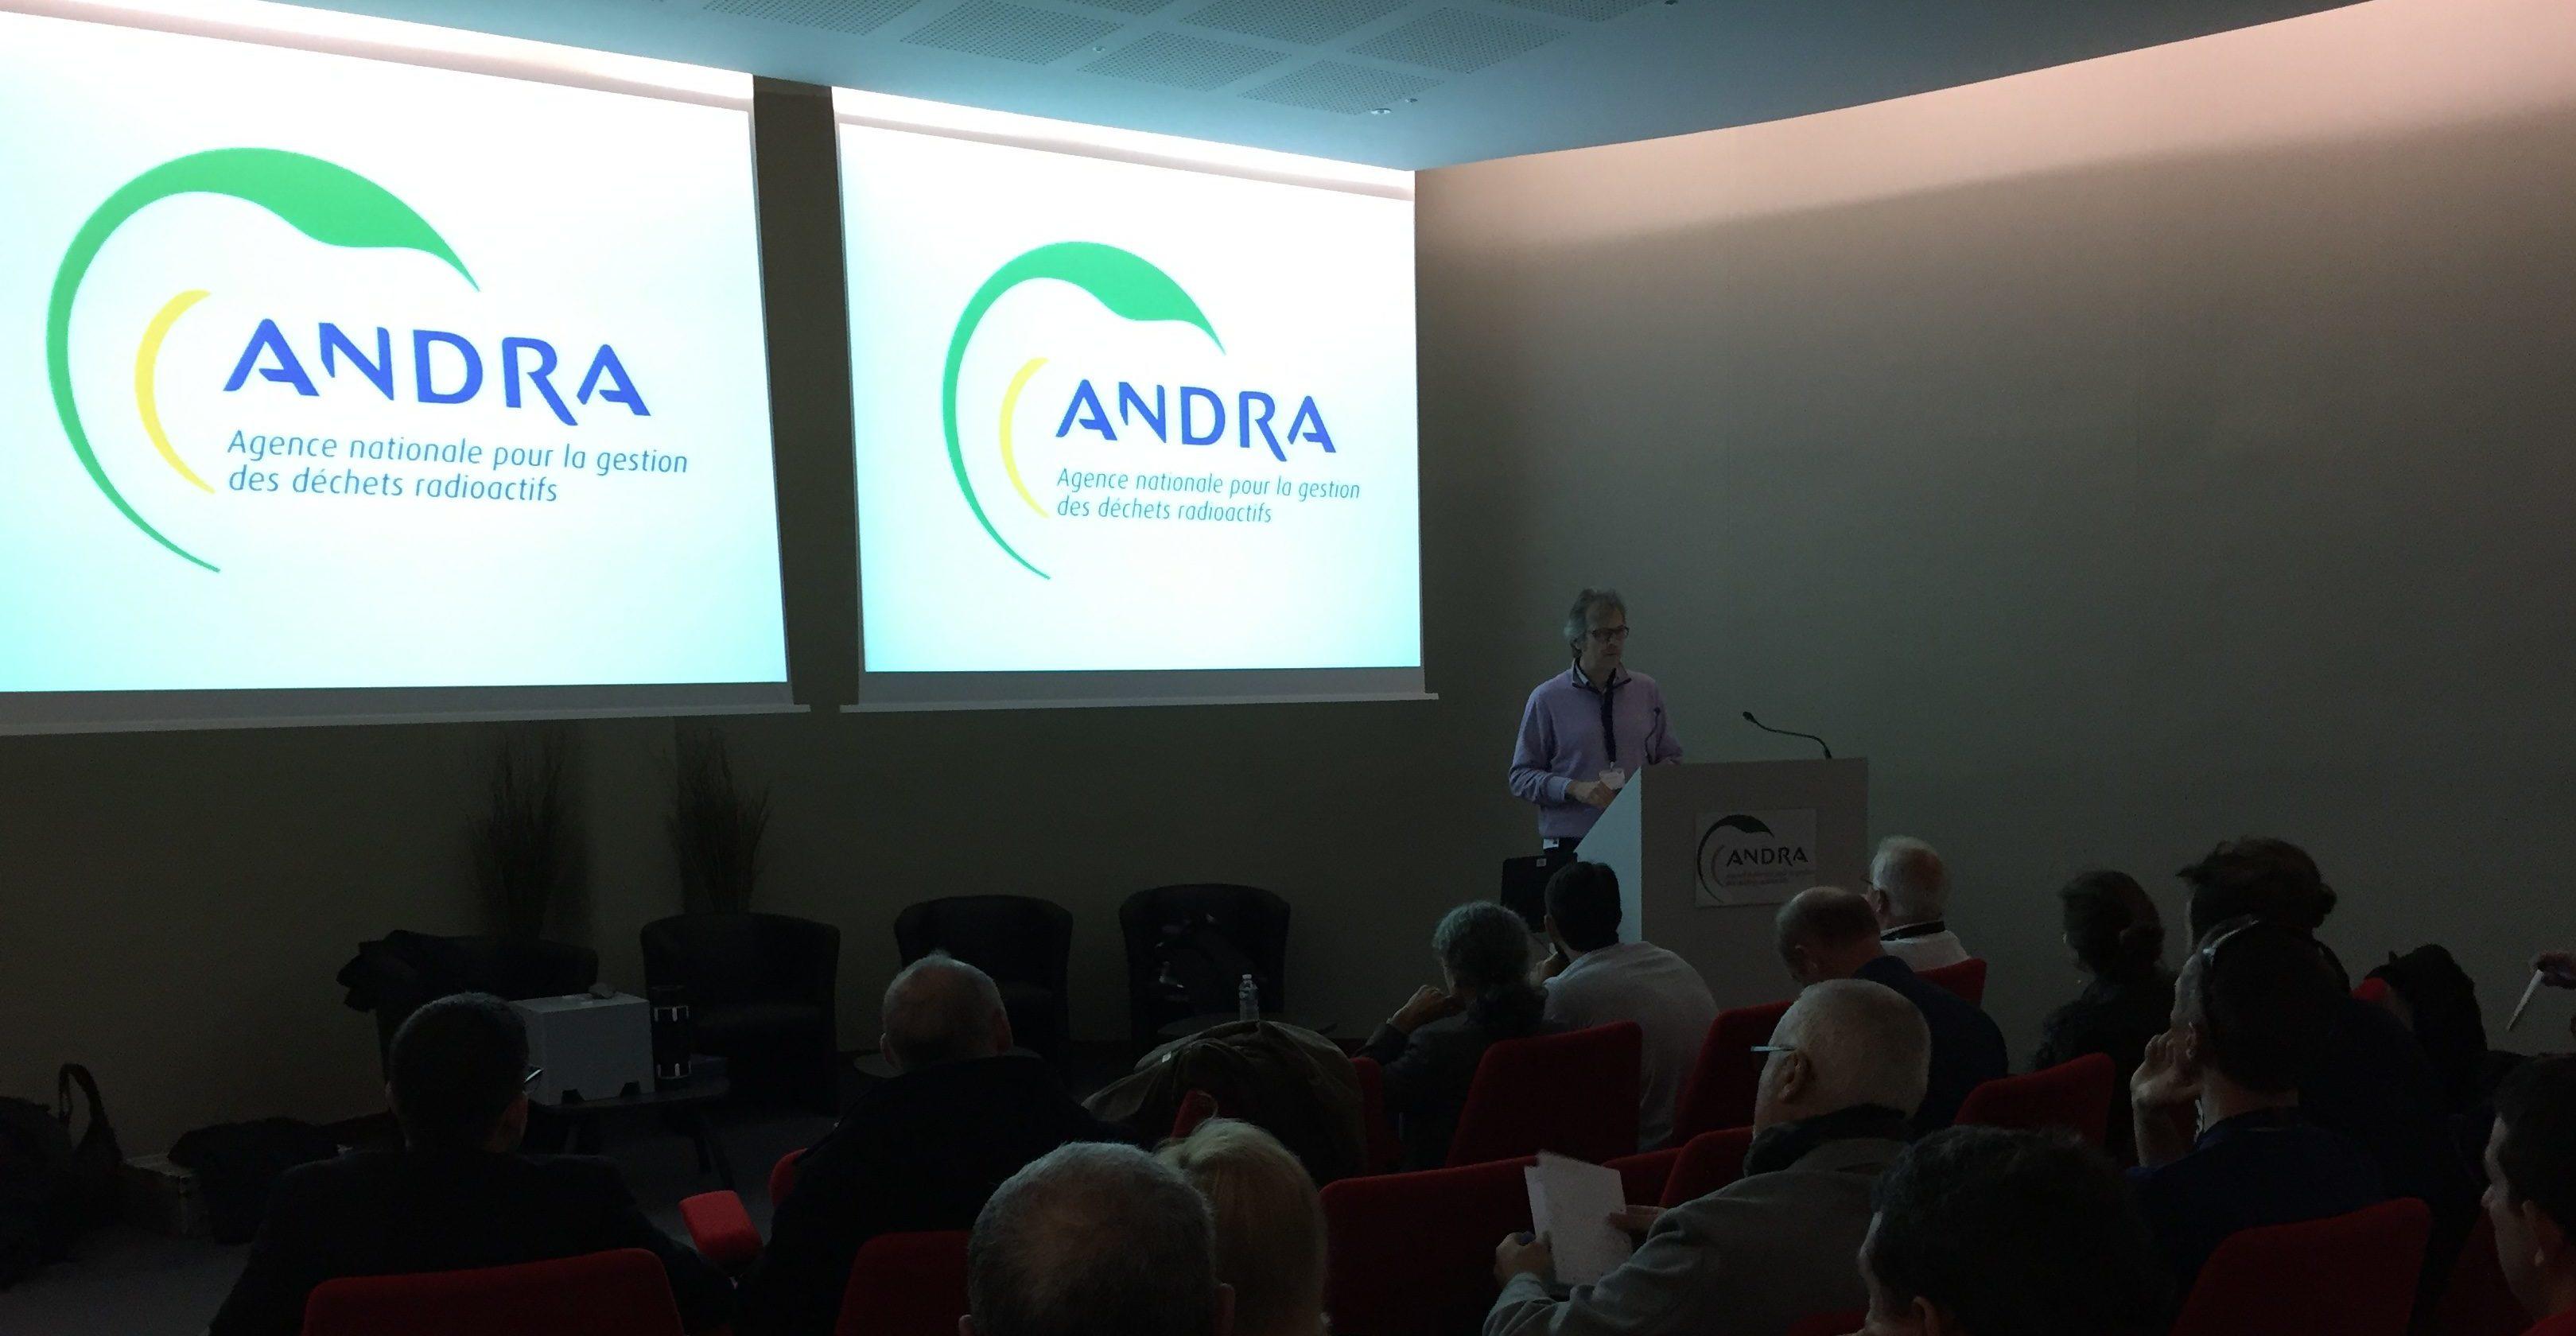 conférence journée d'inspiration ANDRA